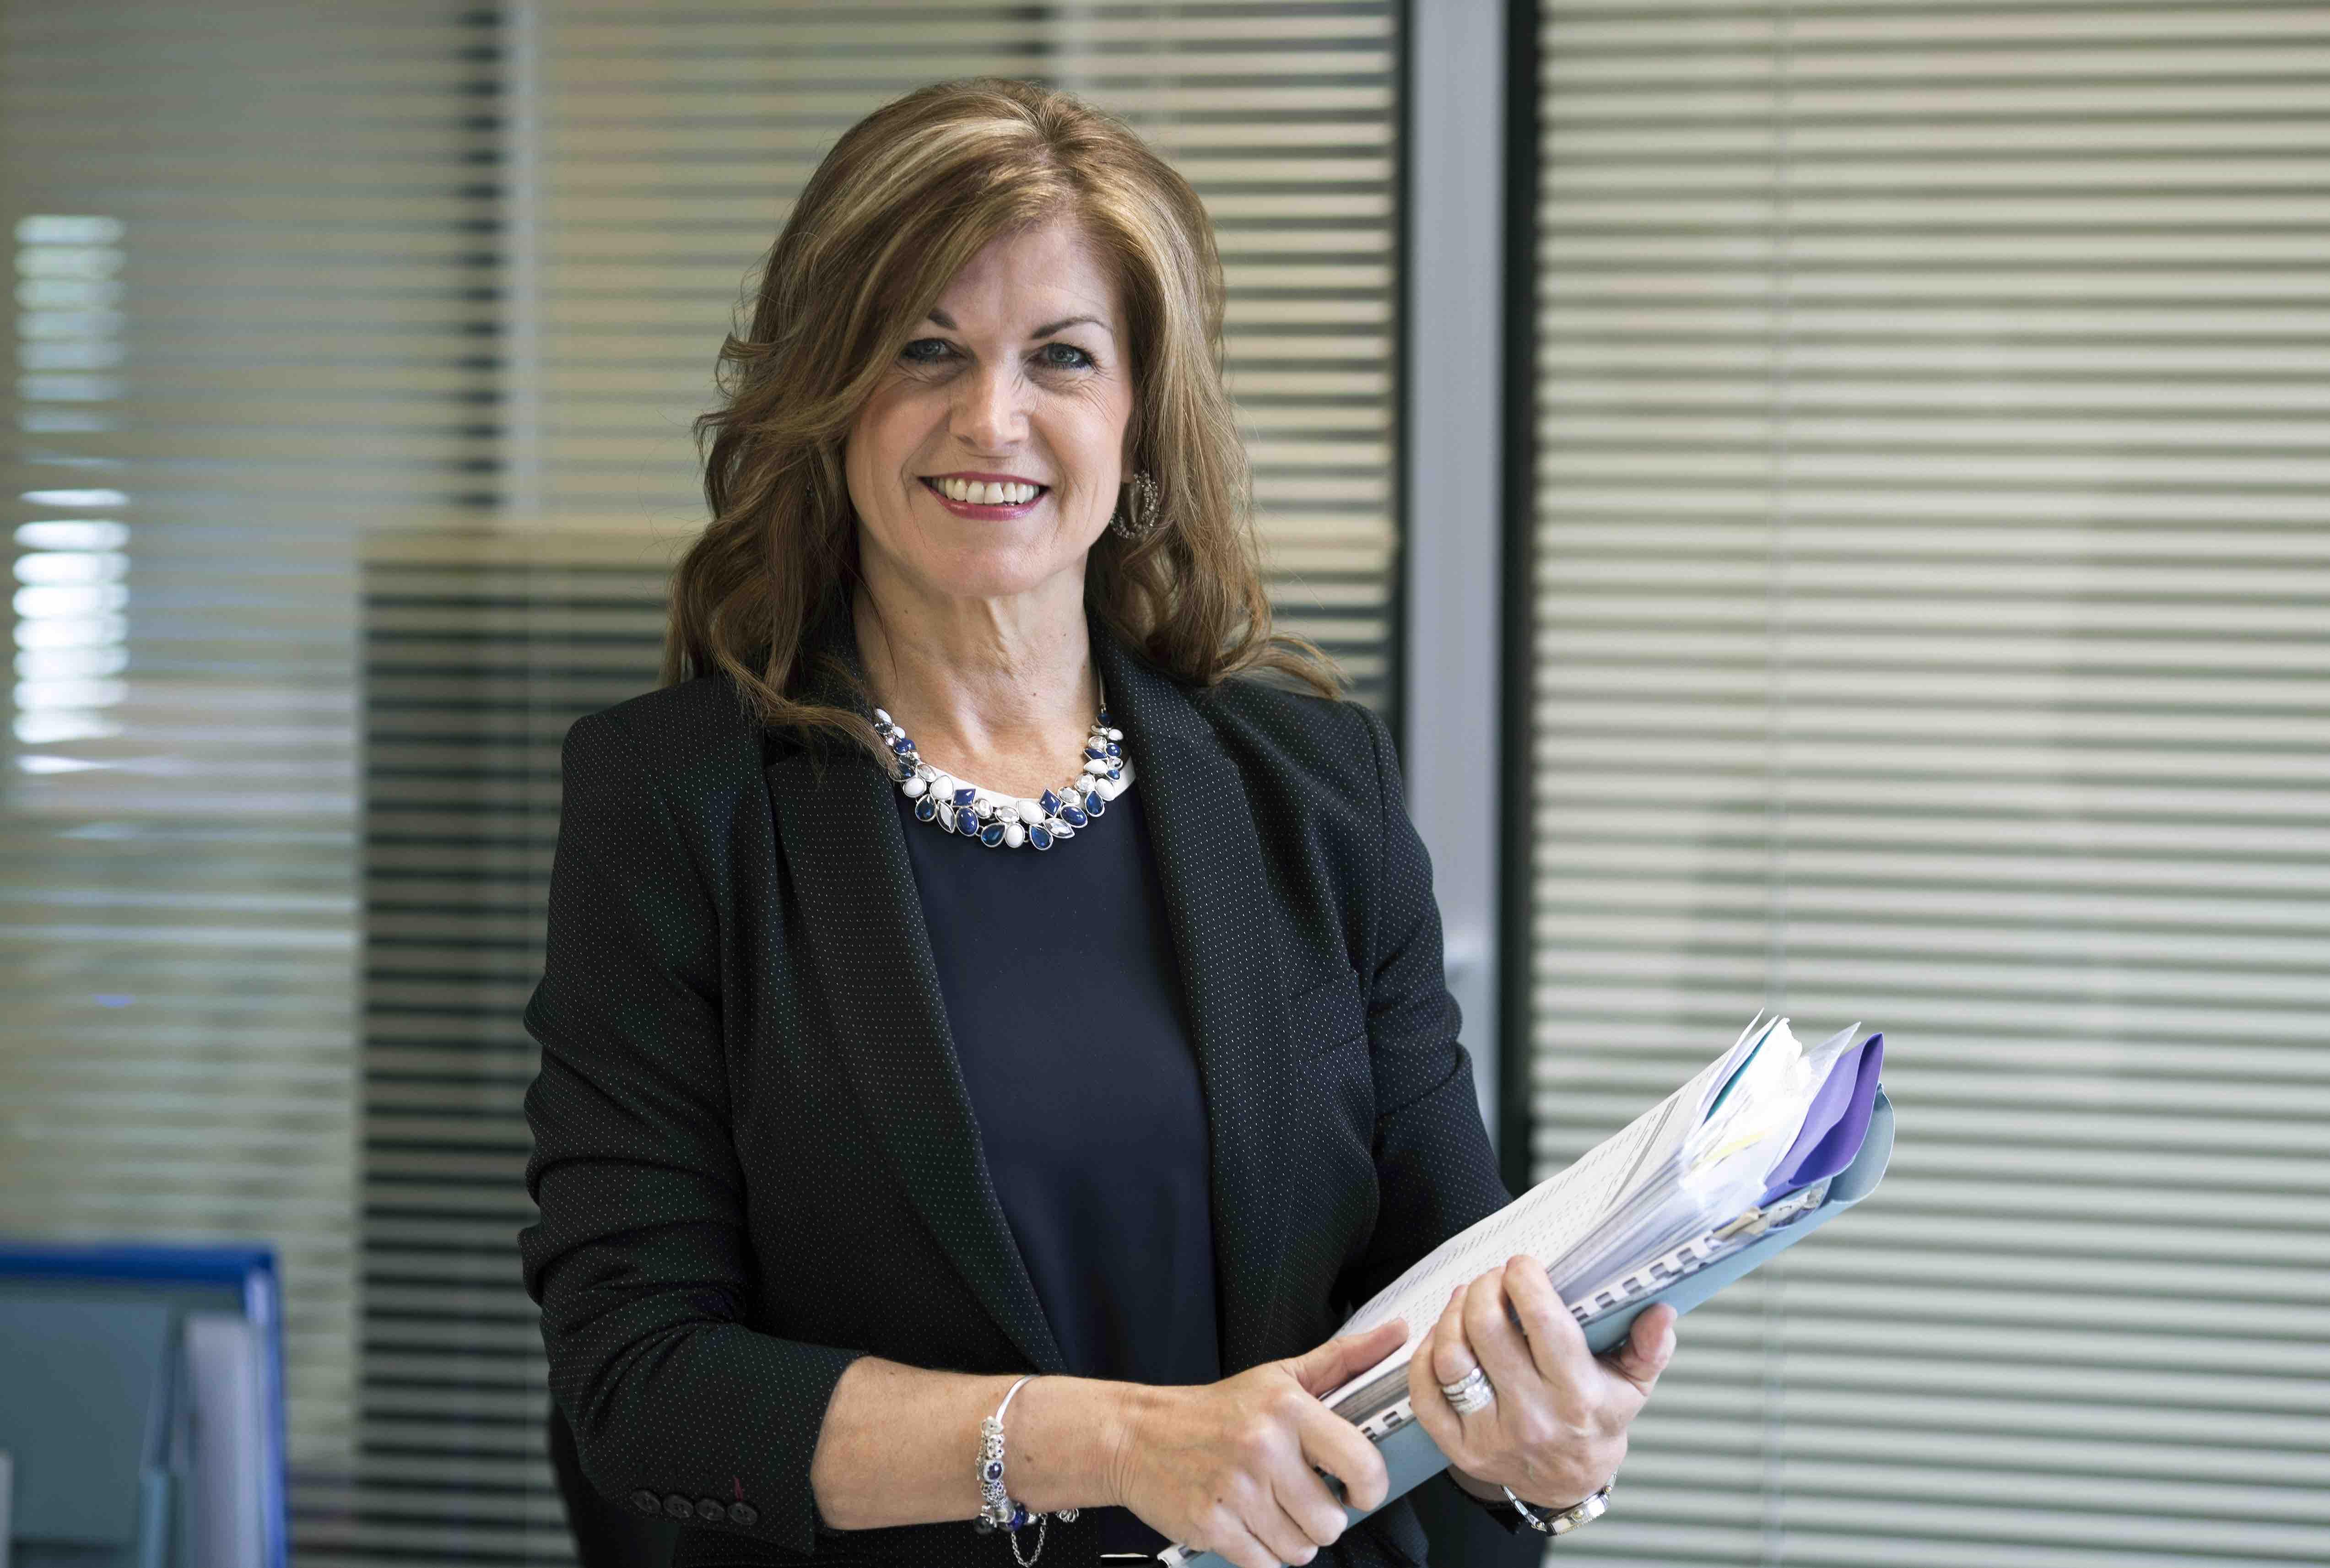 Tina Bonthrone, Group Financial Controller of Castlecroft